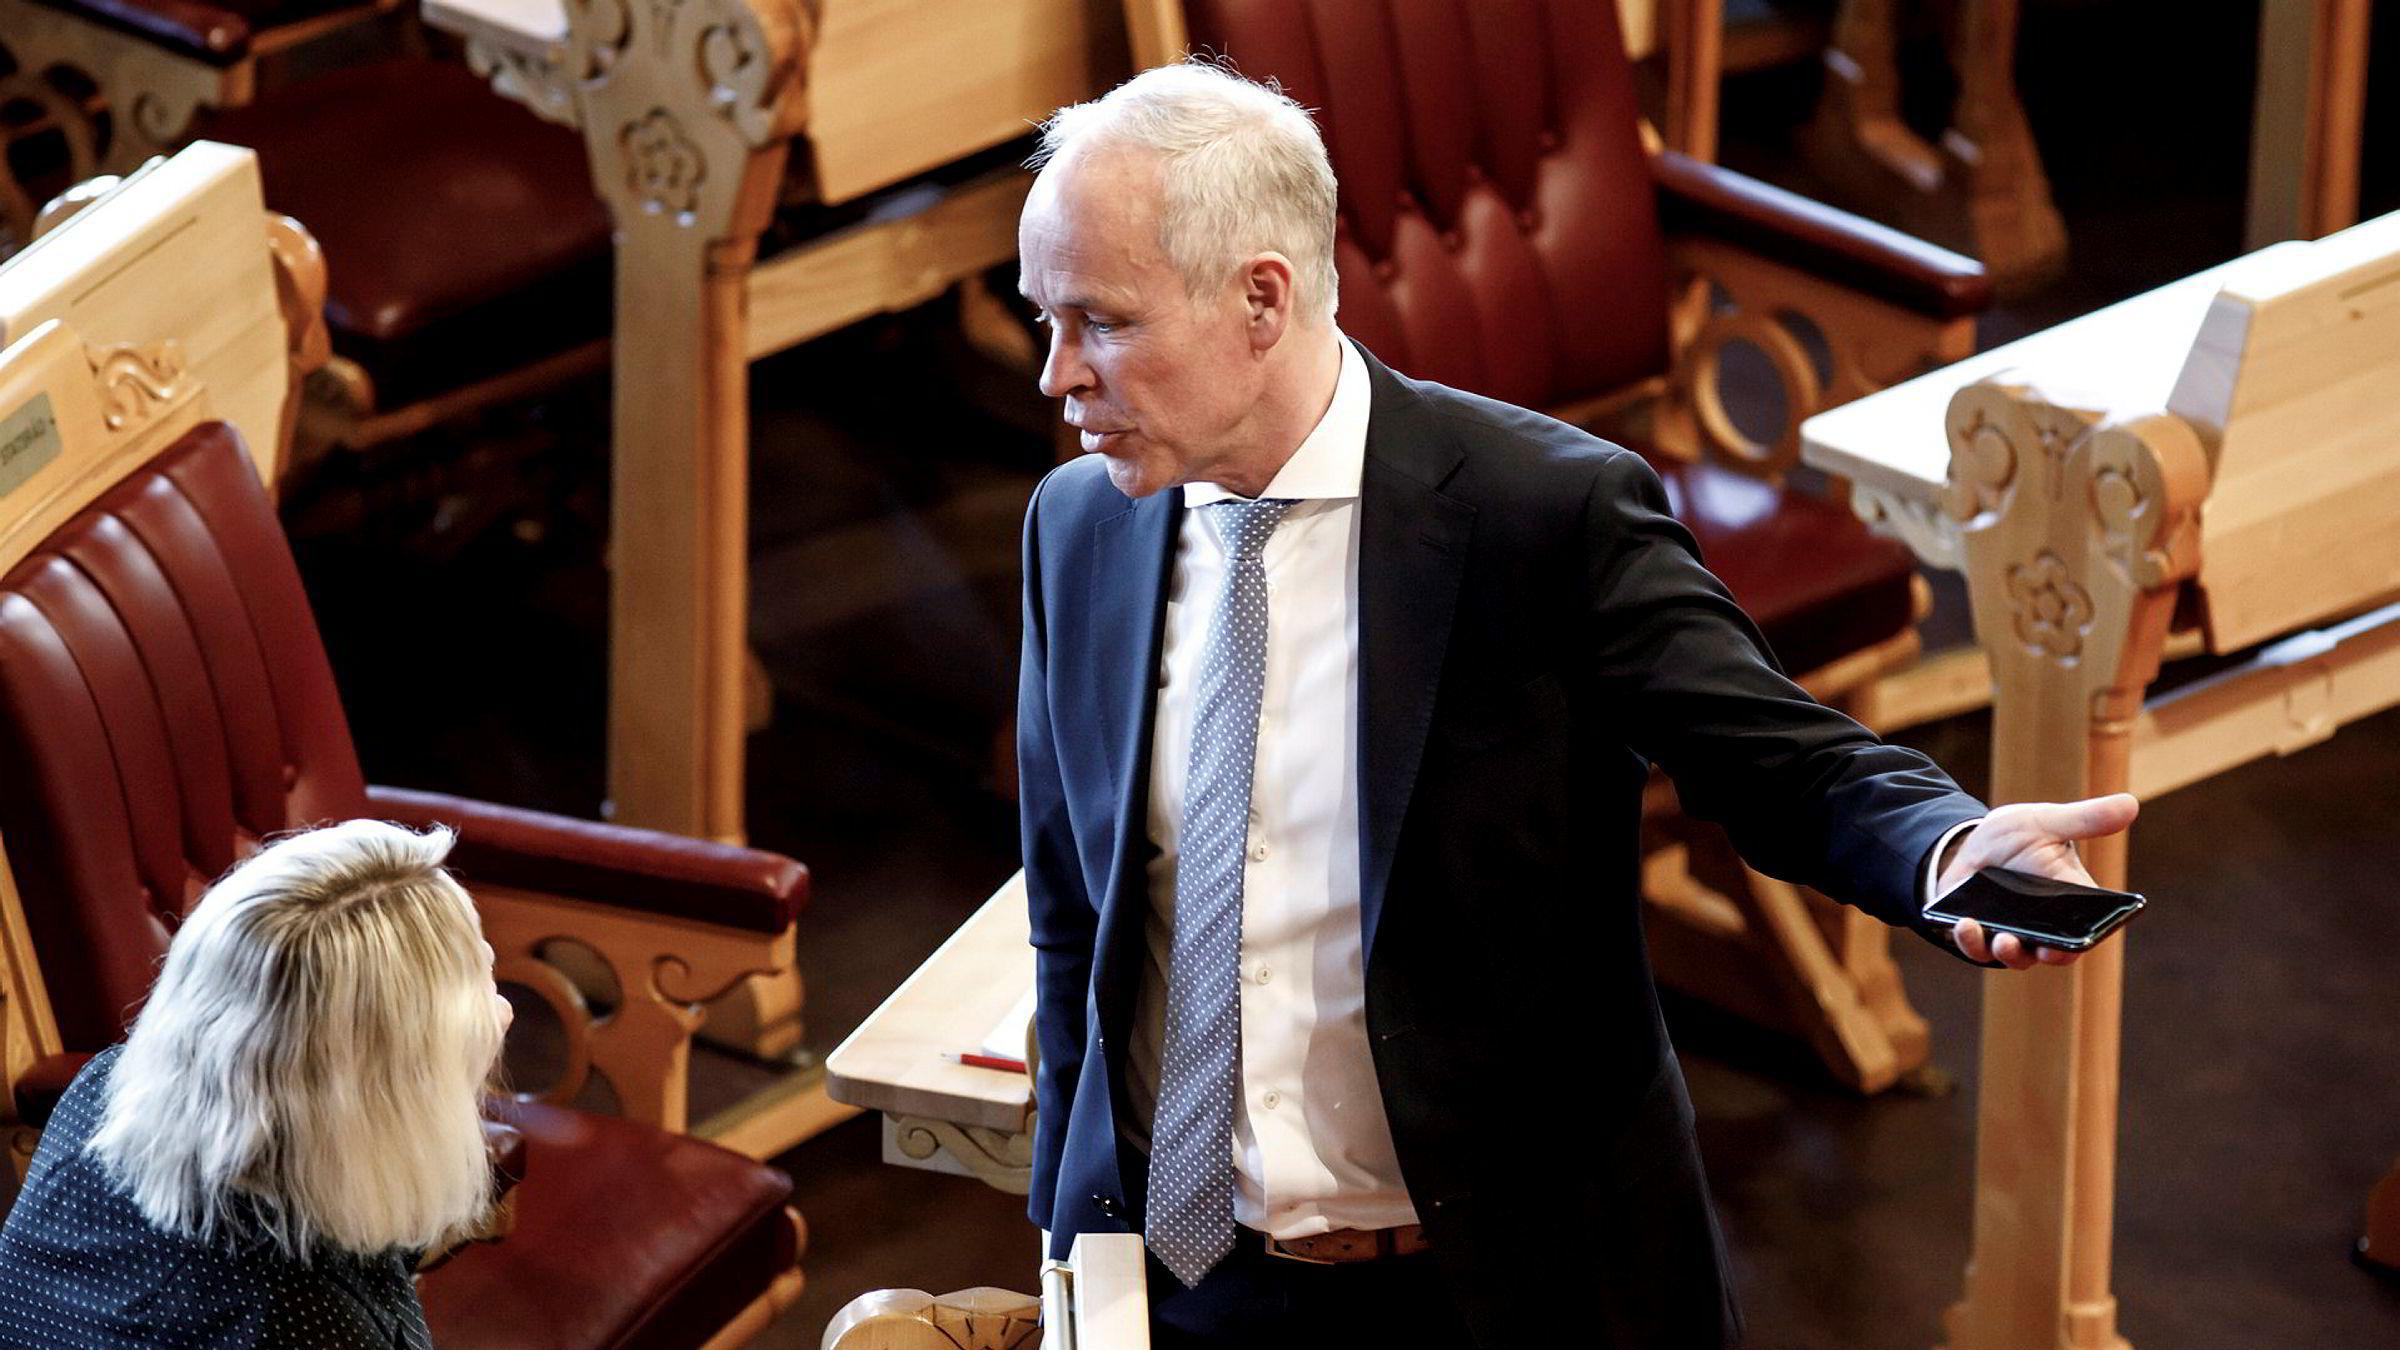 Høyre og nestleder Jan Tore Sanner var veldig kritisk til at Oljefondet skulle å gå ut av kull, påpeker artikkelforfatteren.